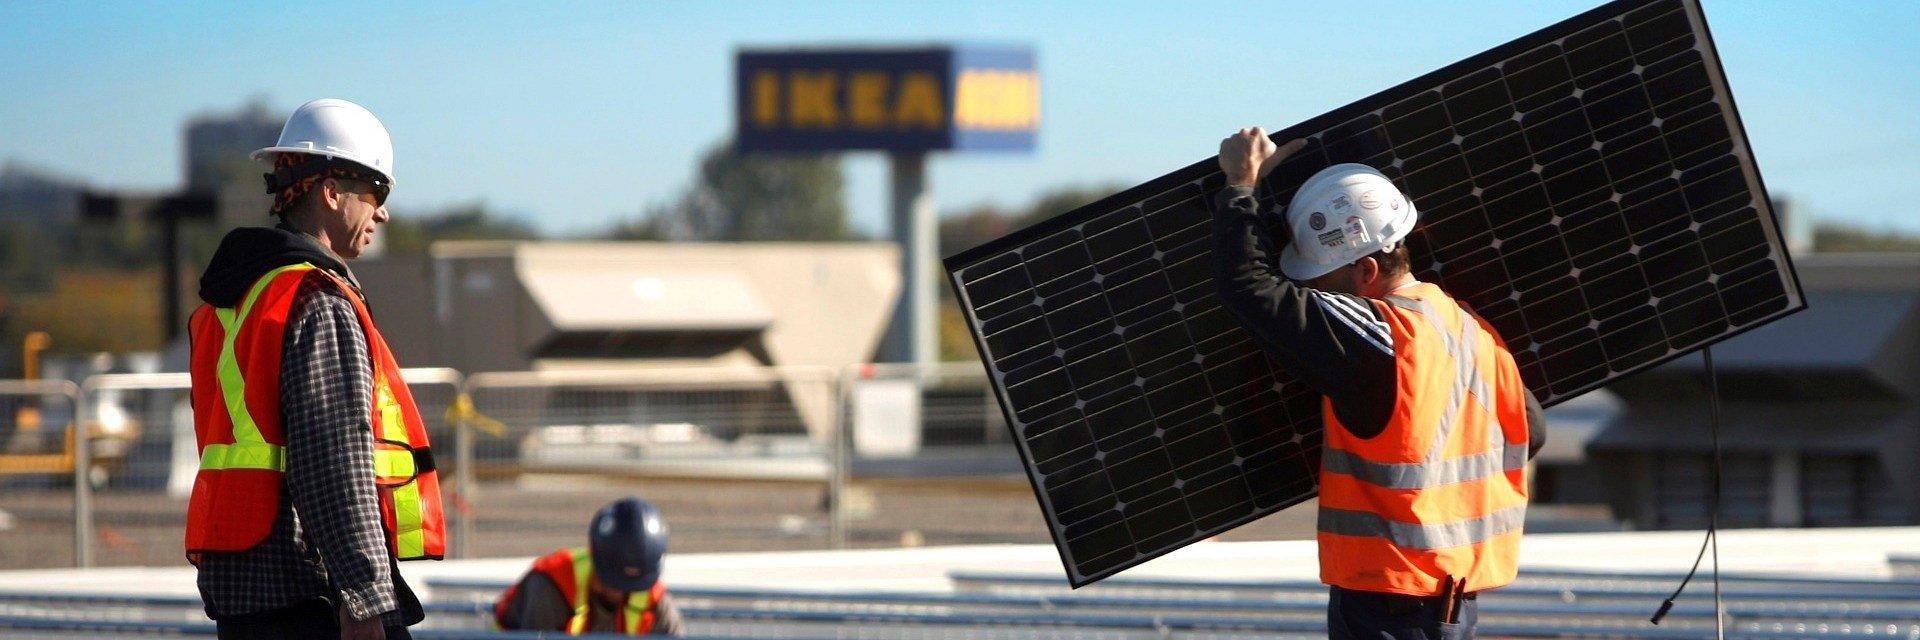 IKEA publikuje Raport Zrównoważonego Rozwoju za 2018 r.